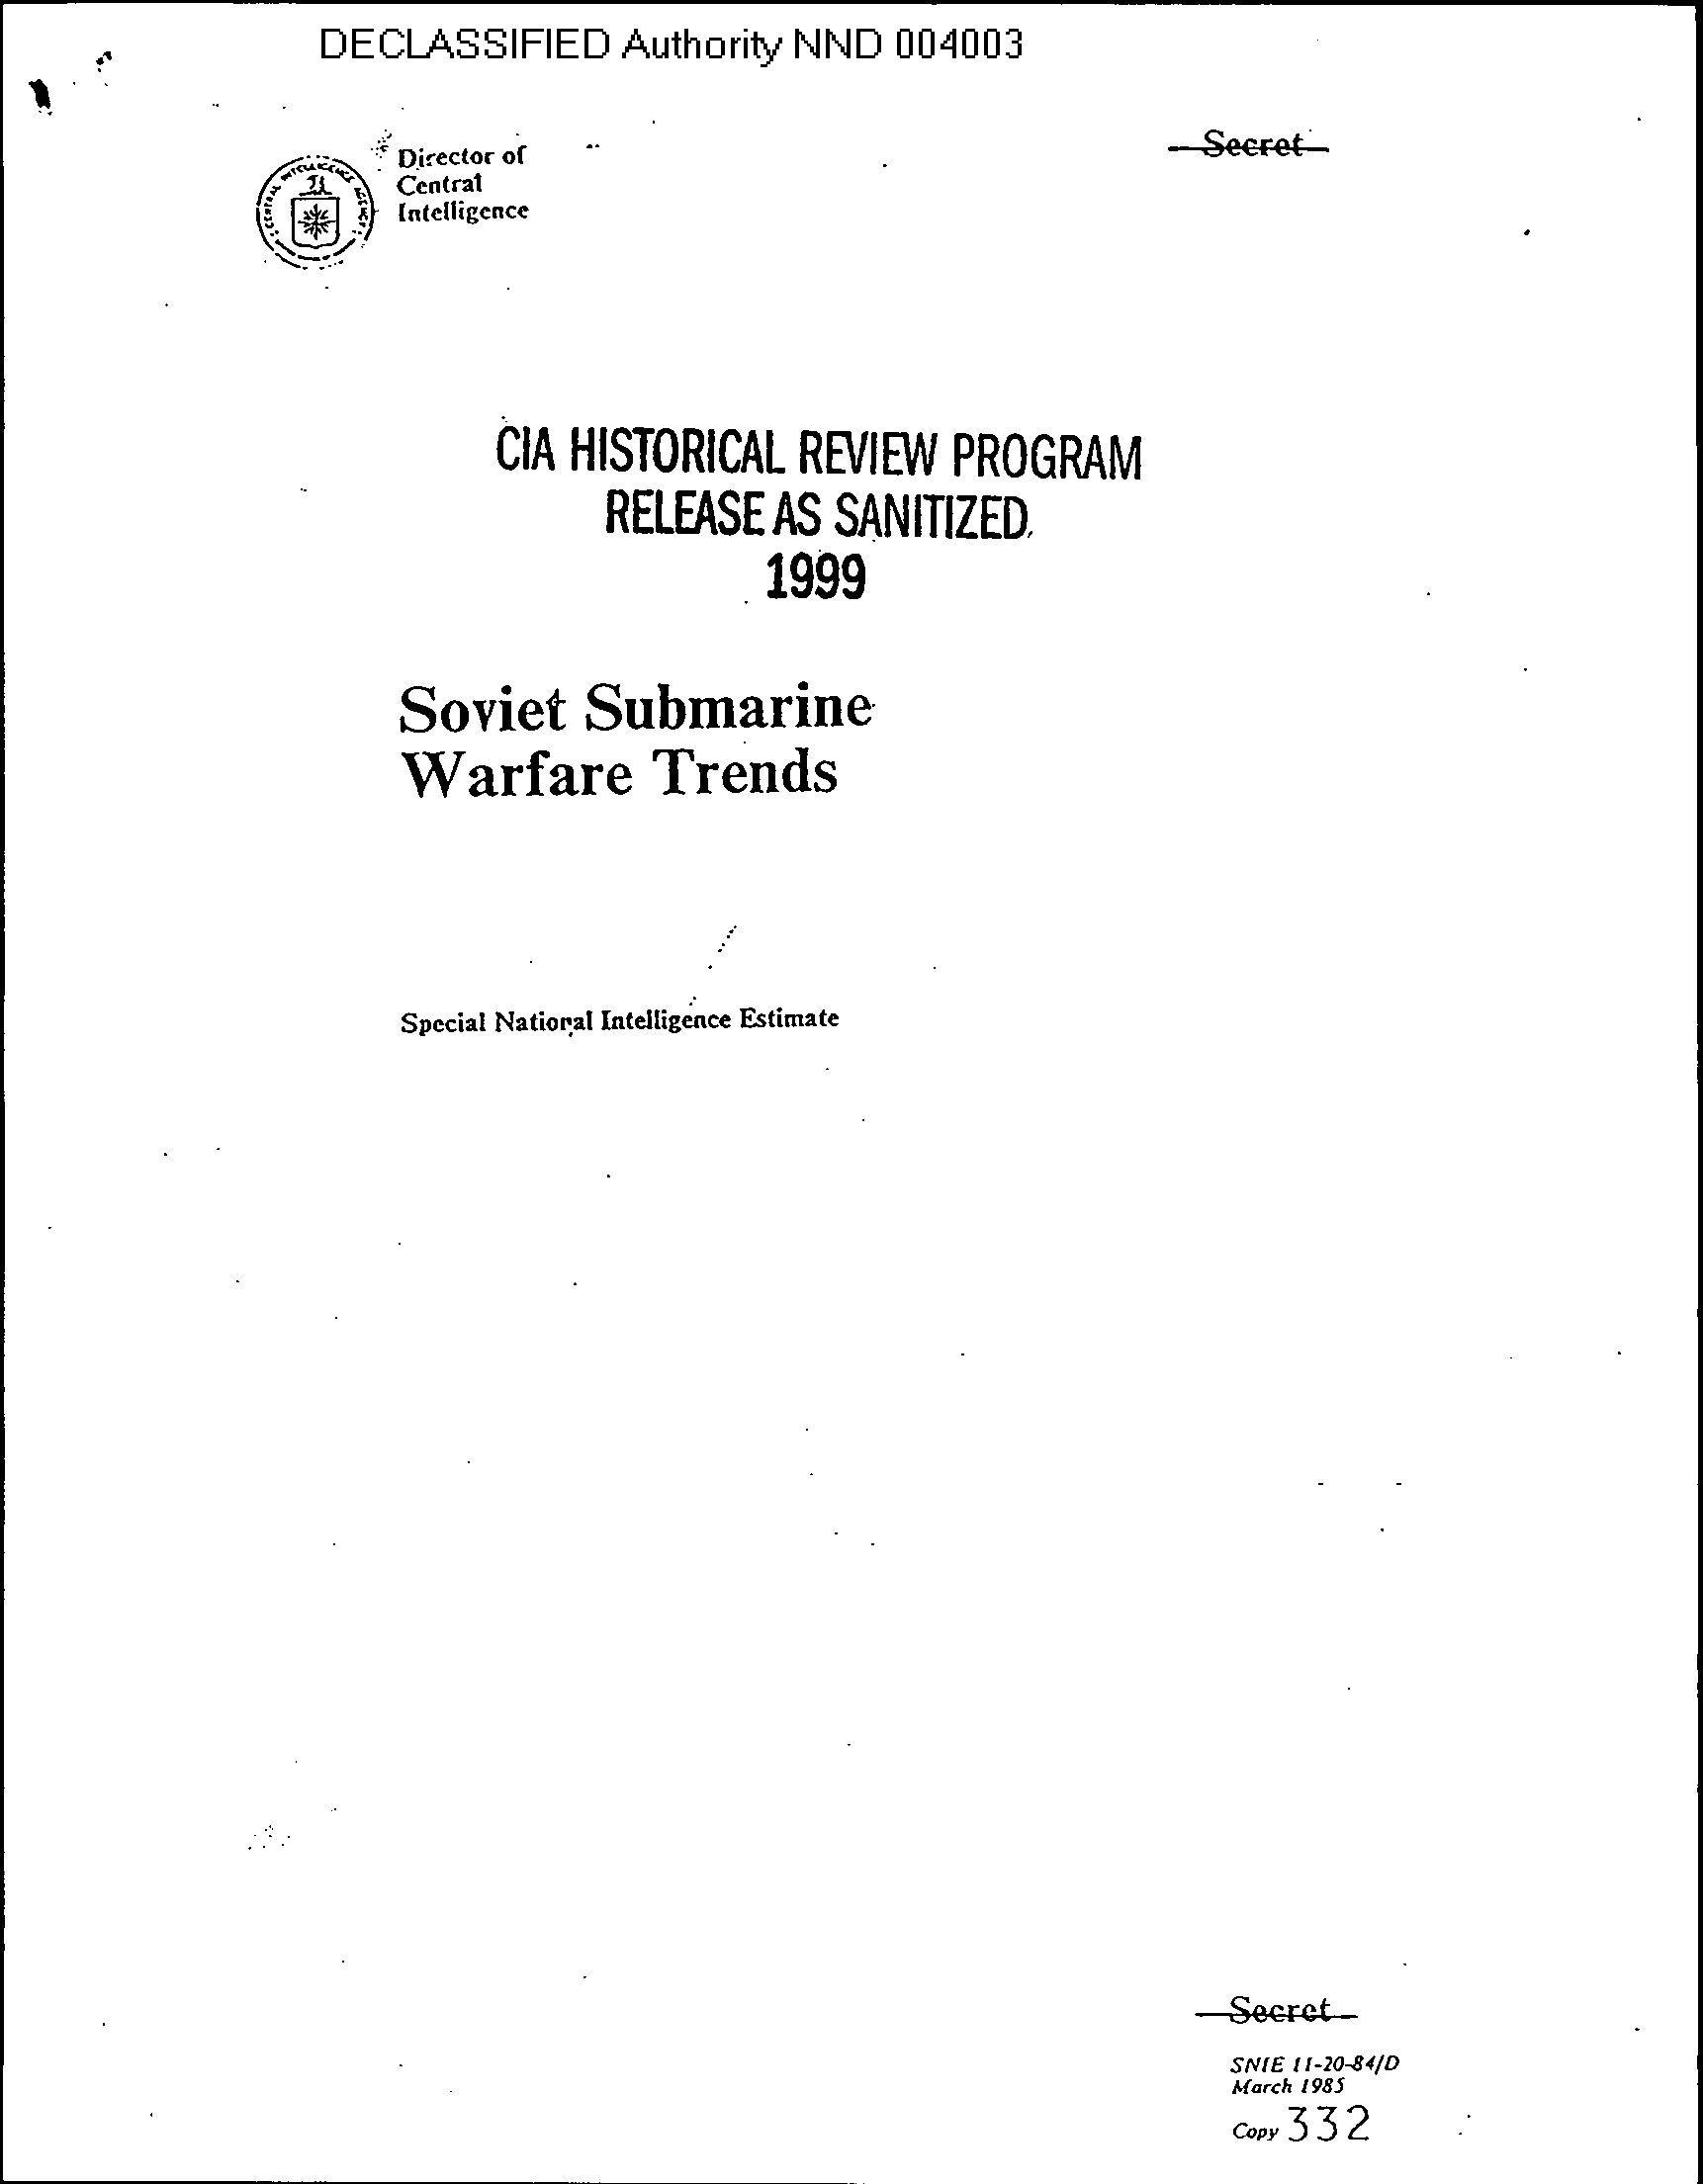 SNIE 11-20-84/D, Mar 85, Soviet Submarine Warfare Trends